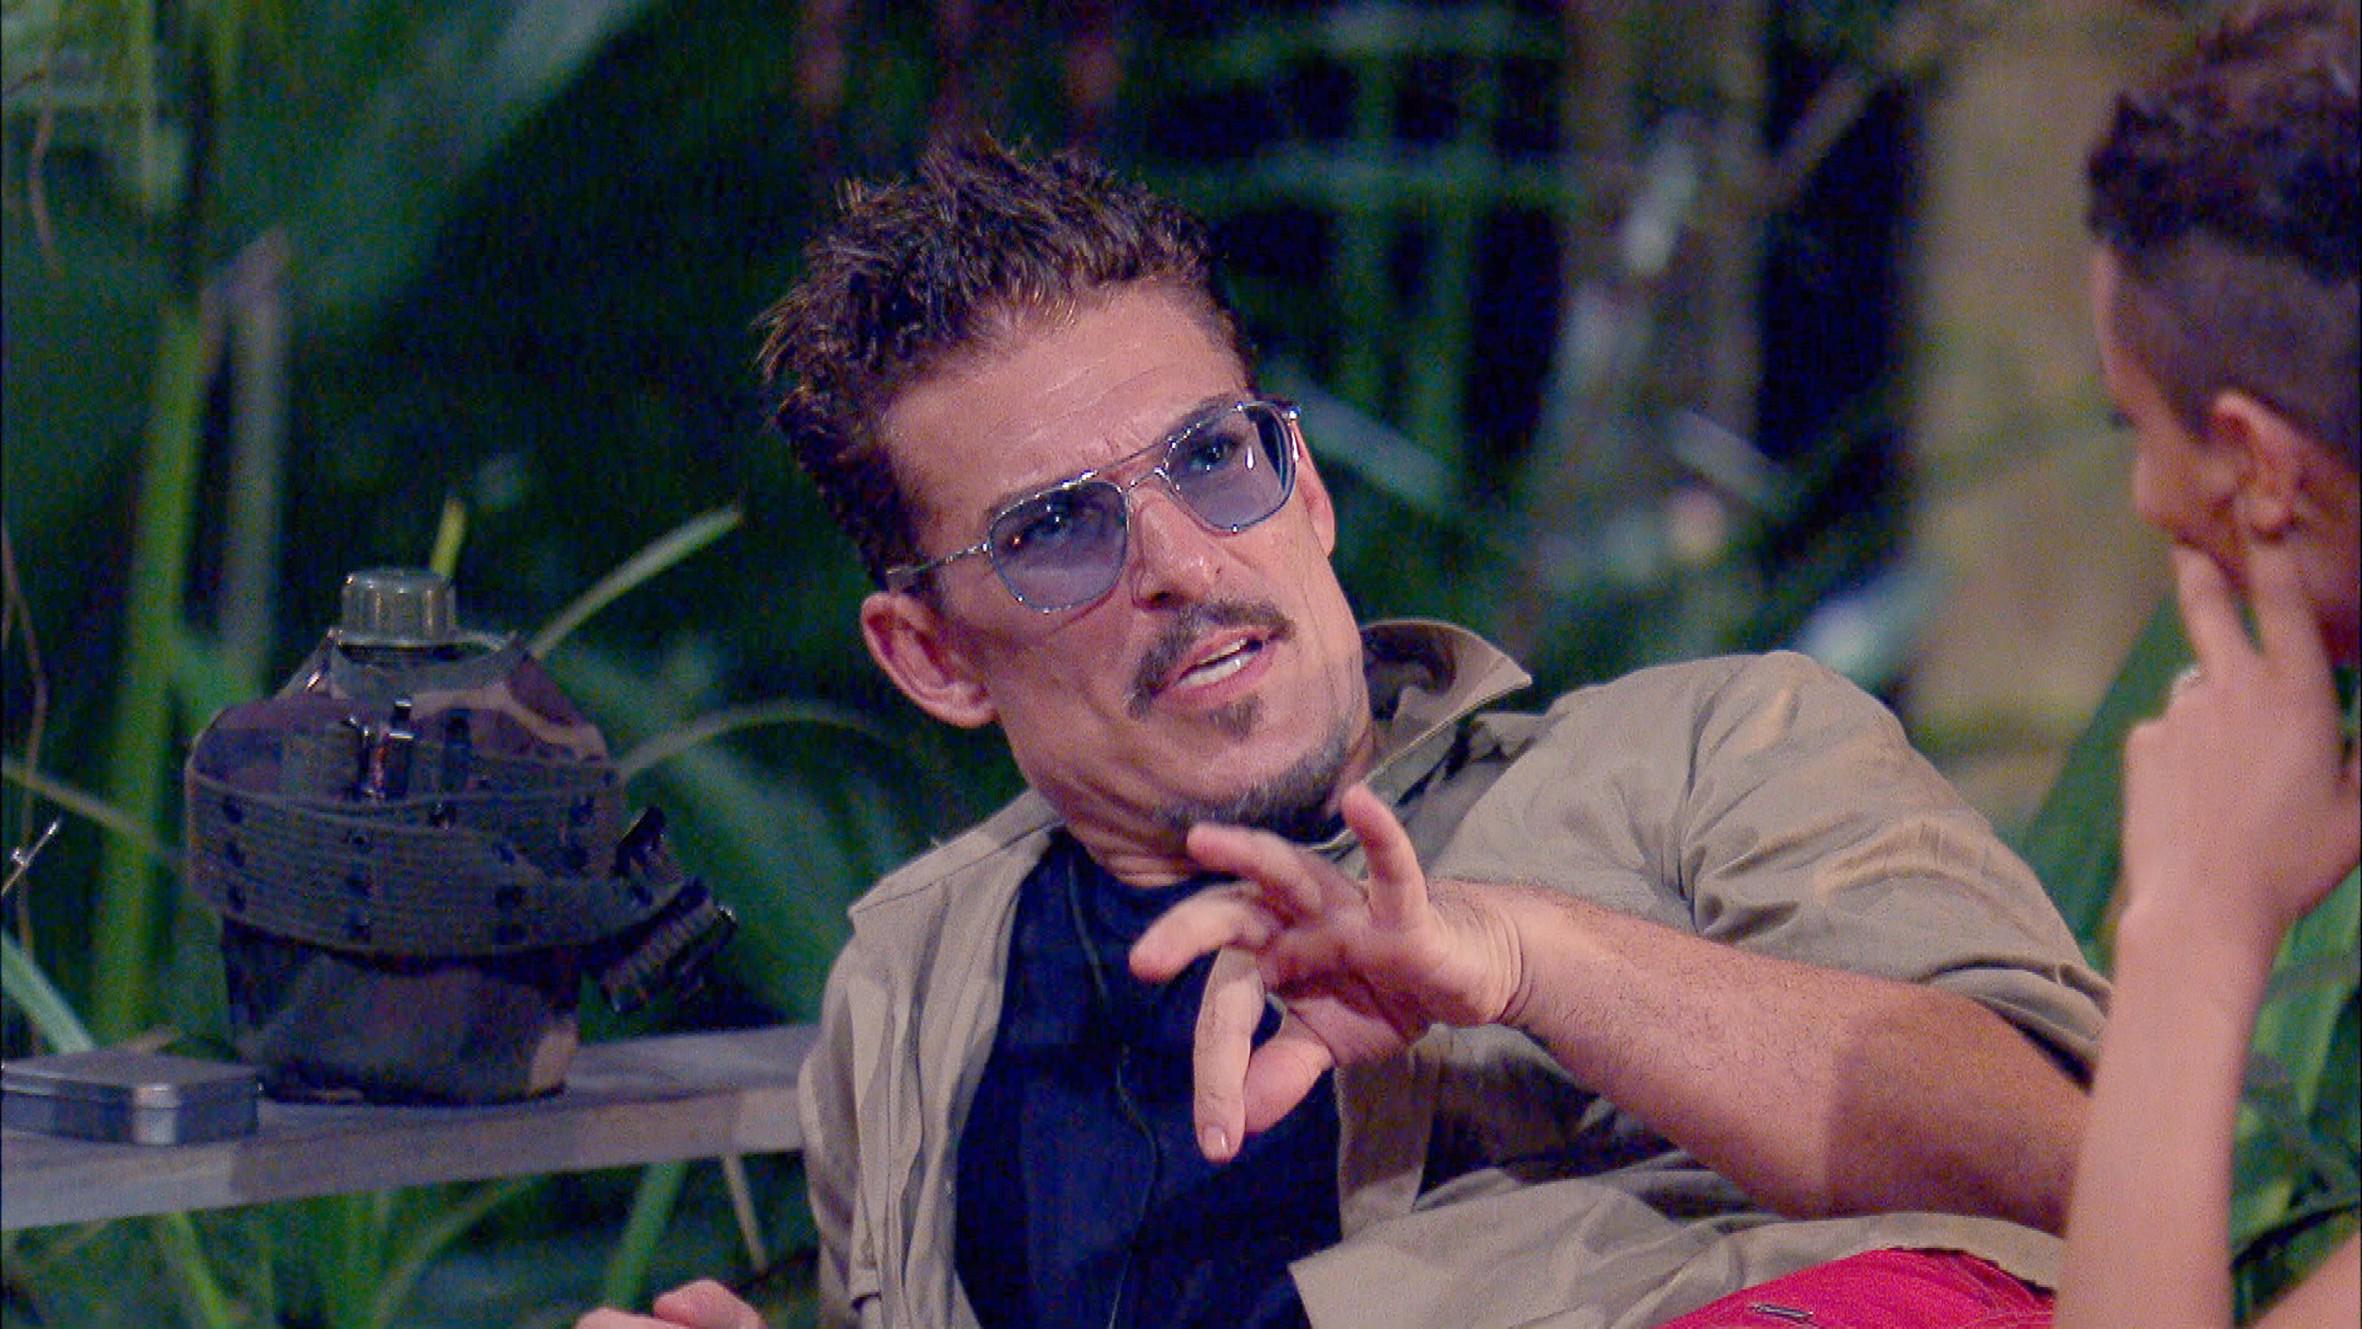 Chris Töpperwien Wahrheit im Dschungelcamp